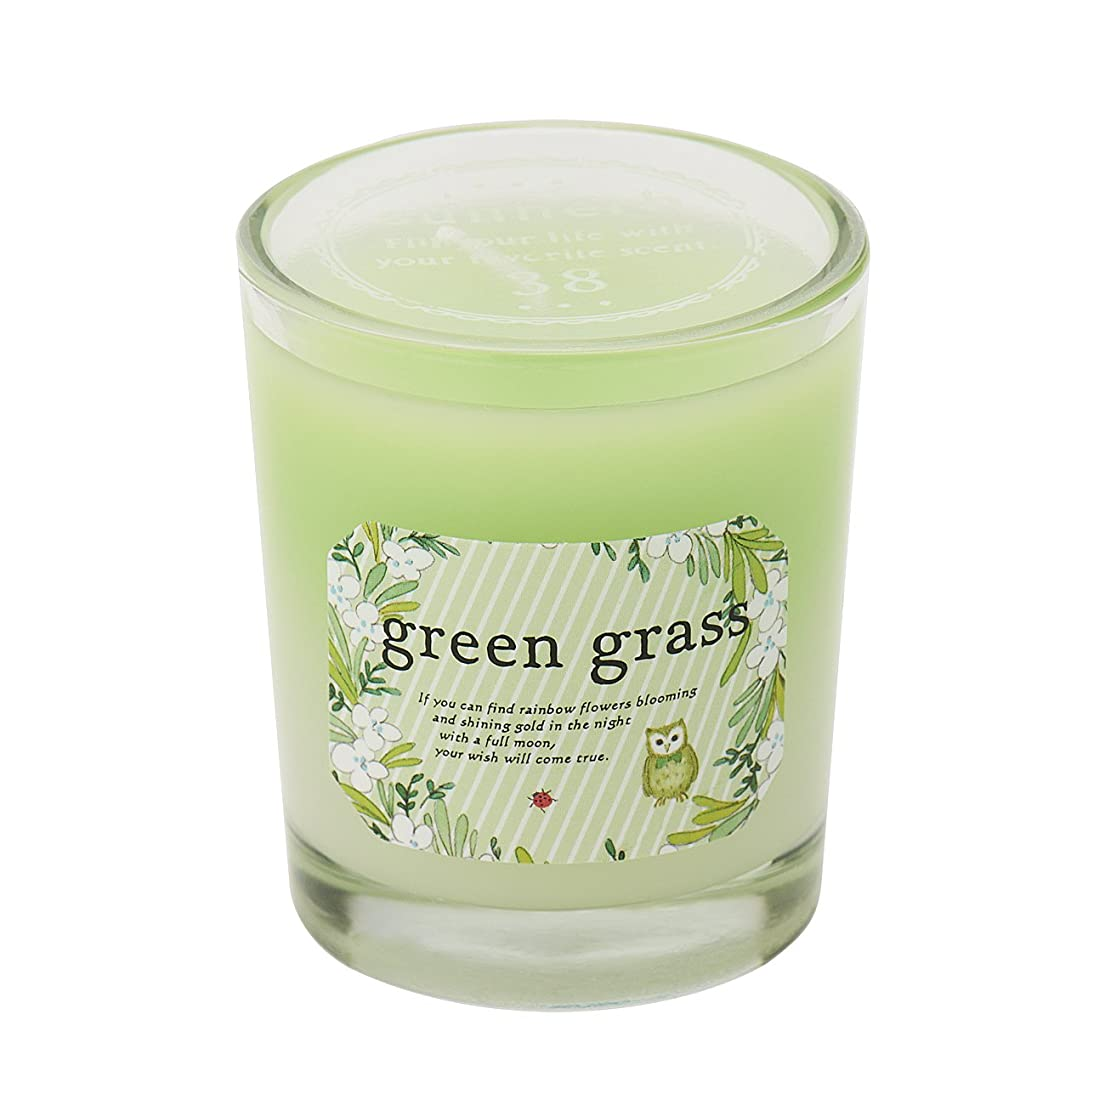 分解する潮後サンハーブ グラスキャンドル グリーングラス 35g(グラデーションろうそく 燃焼時間約10時間 爽やかでちょっと大人の香り)